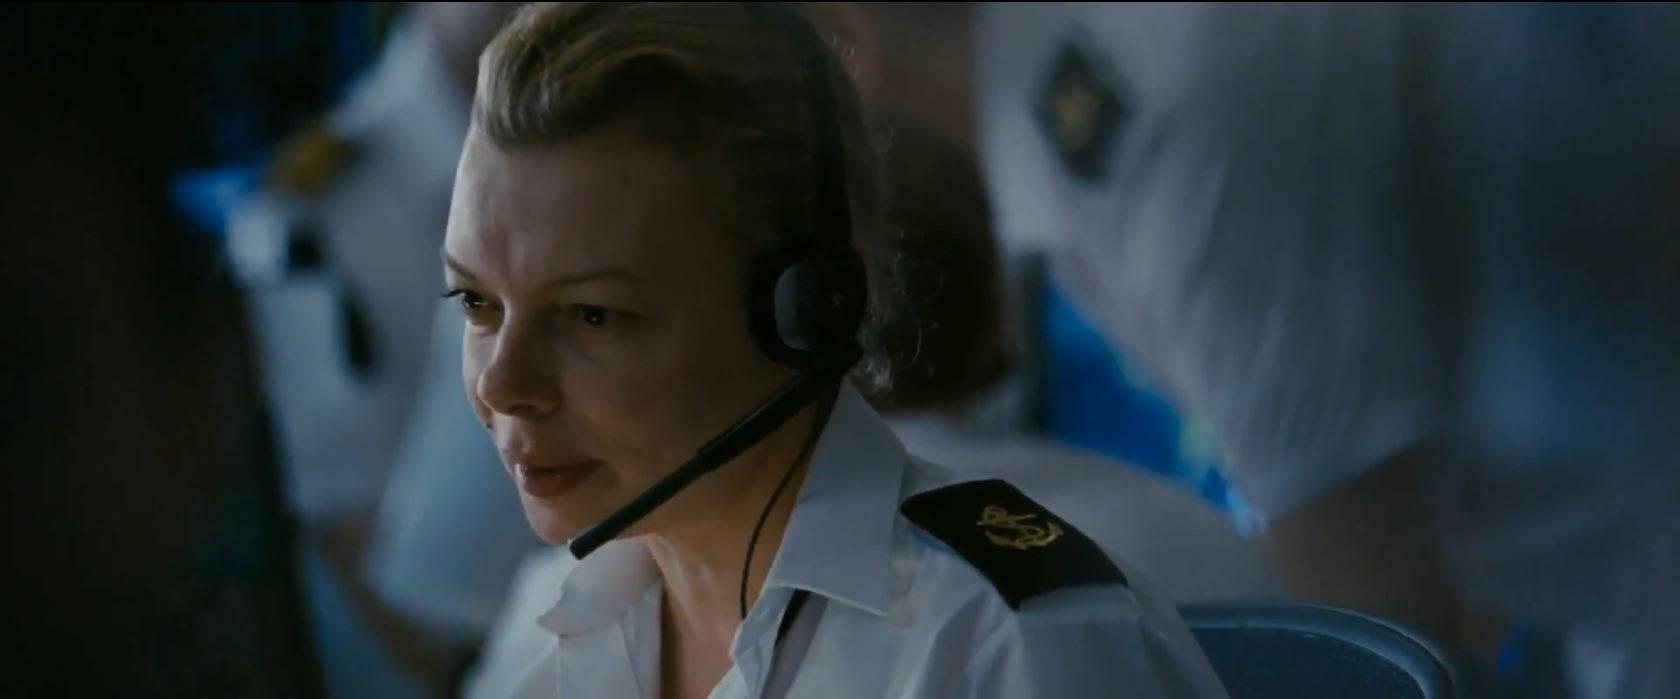 Капитан Подштанник Первый эпический фильм 2017 смотреть